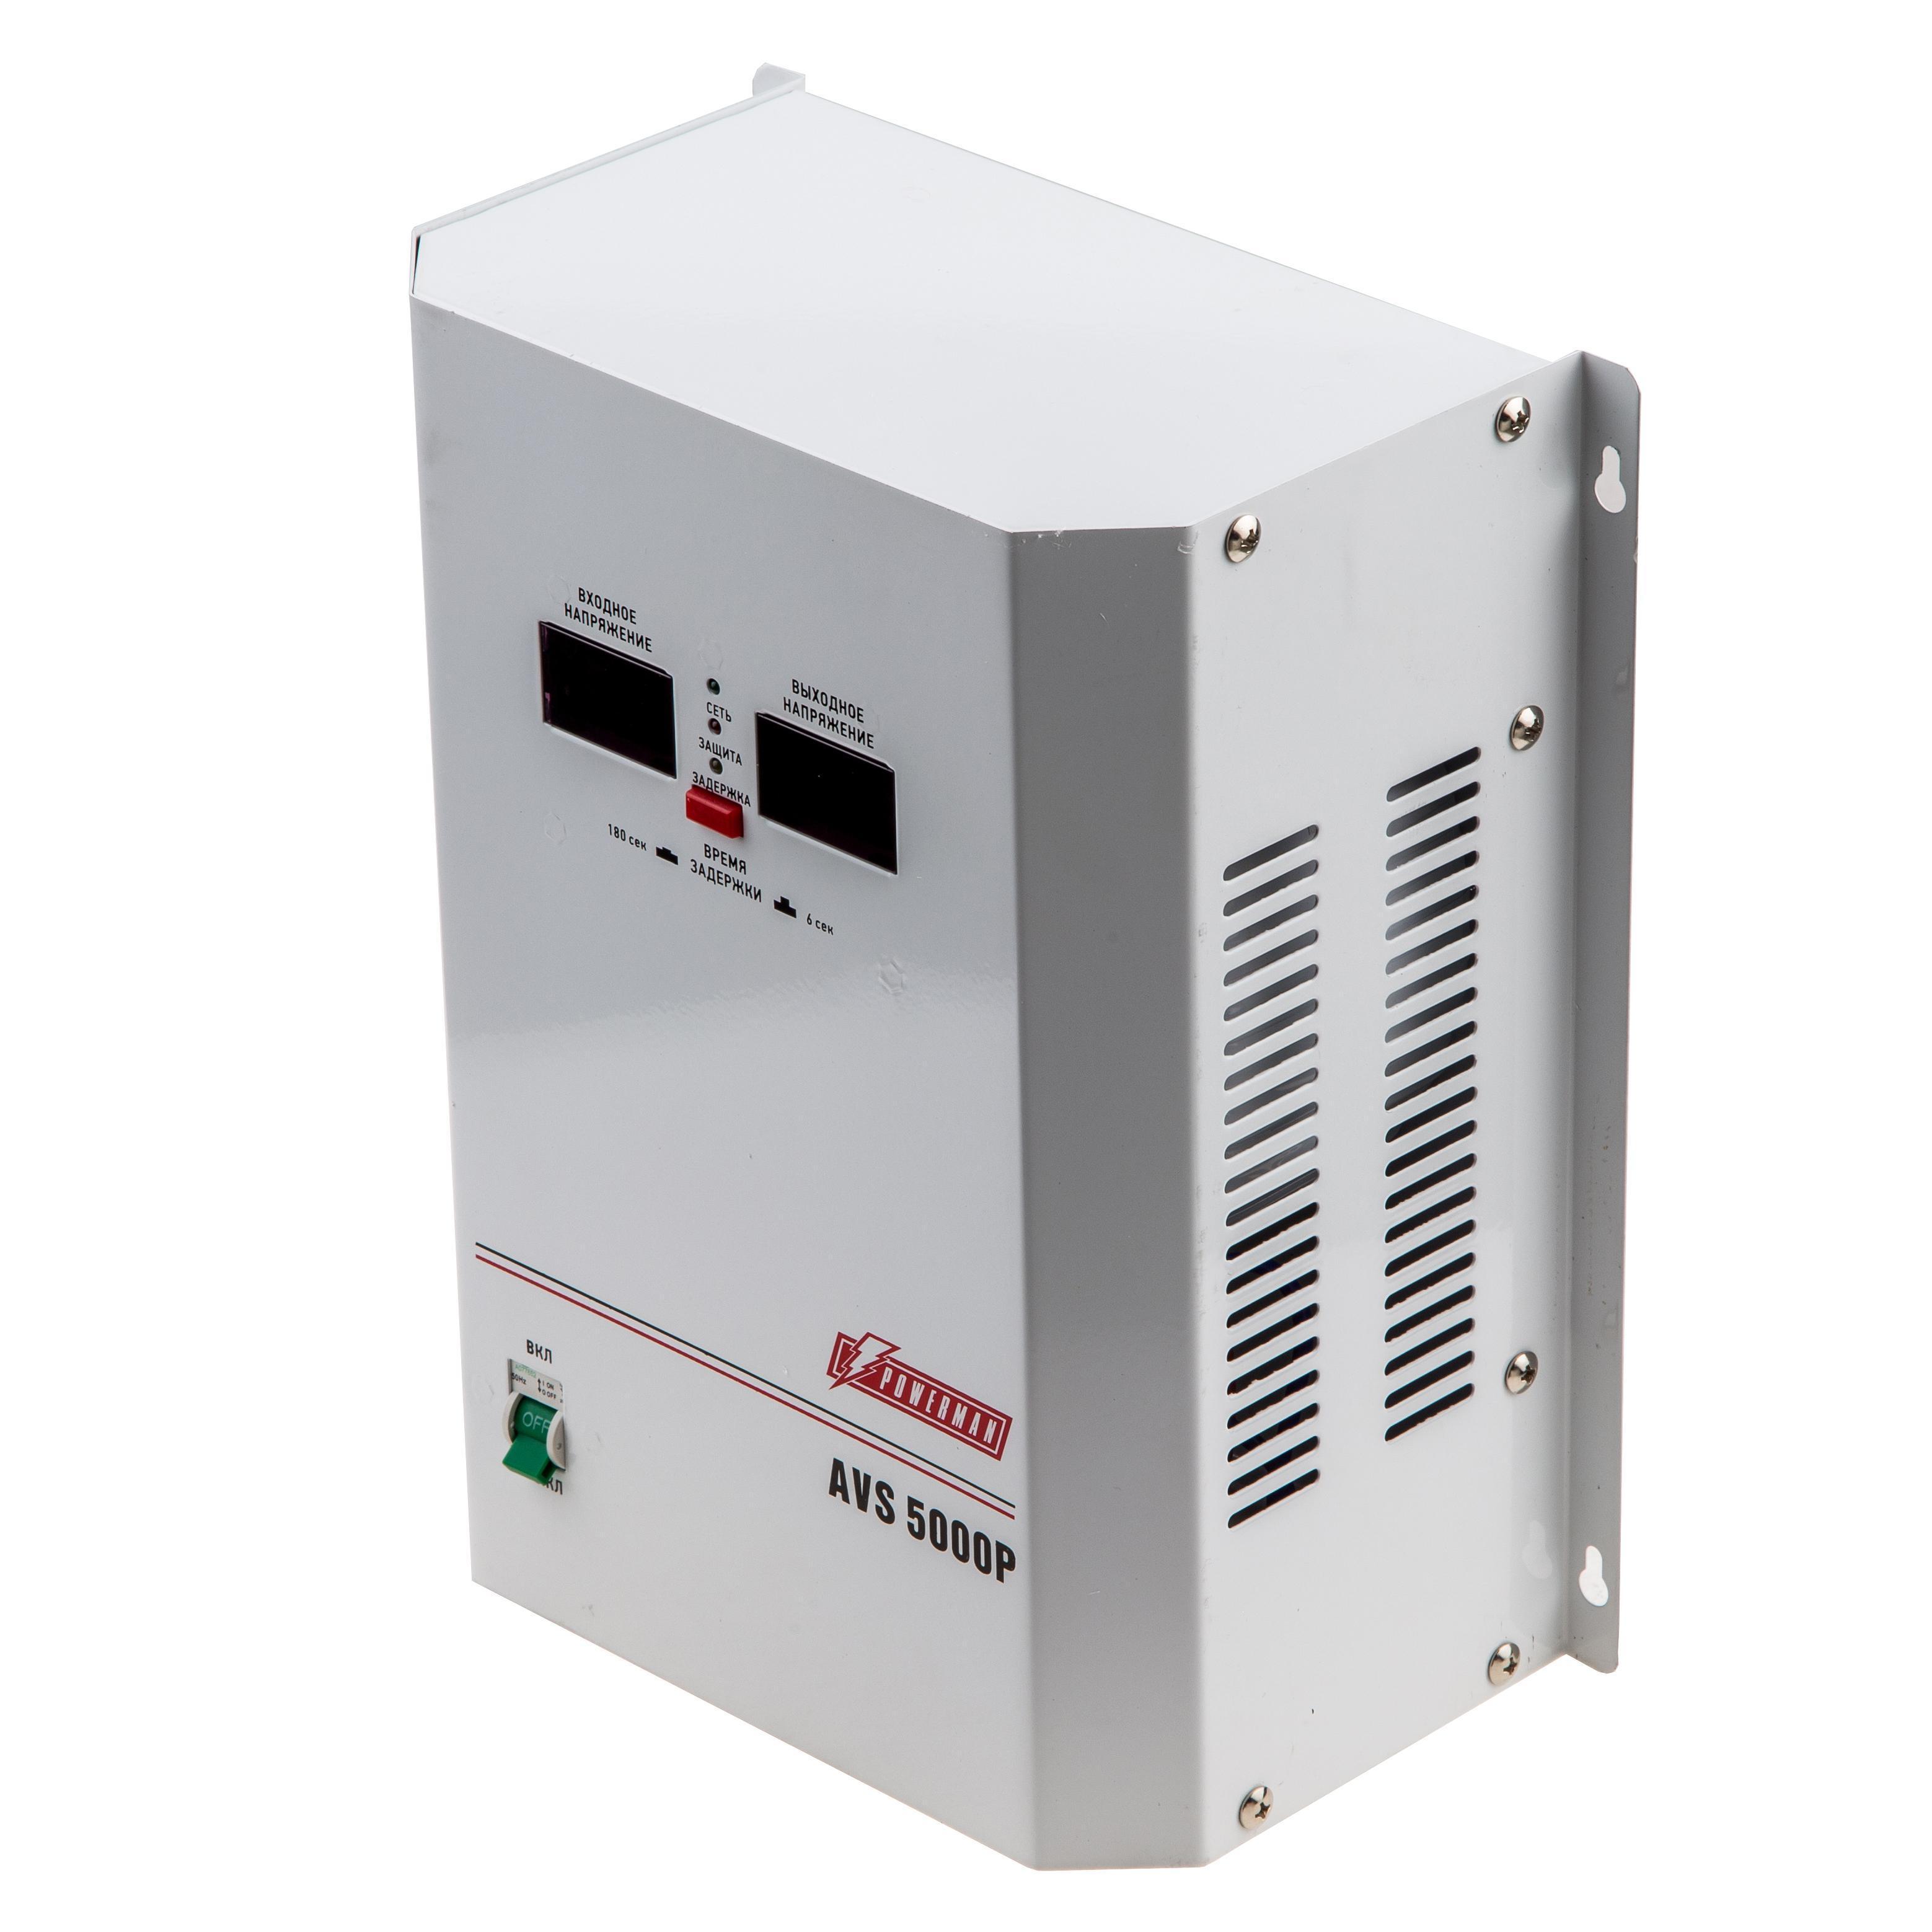 Стабилизатор напряжения Powerman Avs 5000p стабилизатор напряжения powerman avs 15000d белый